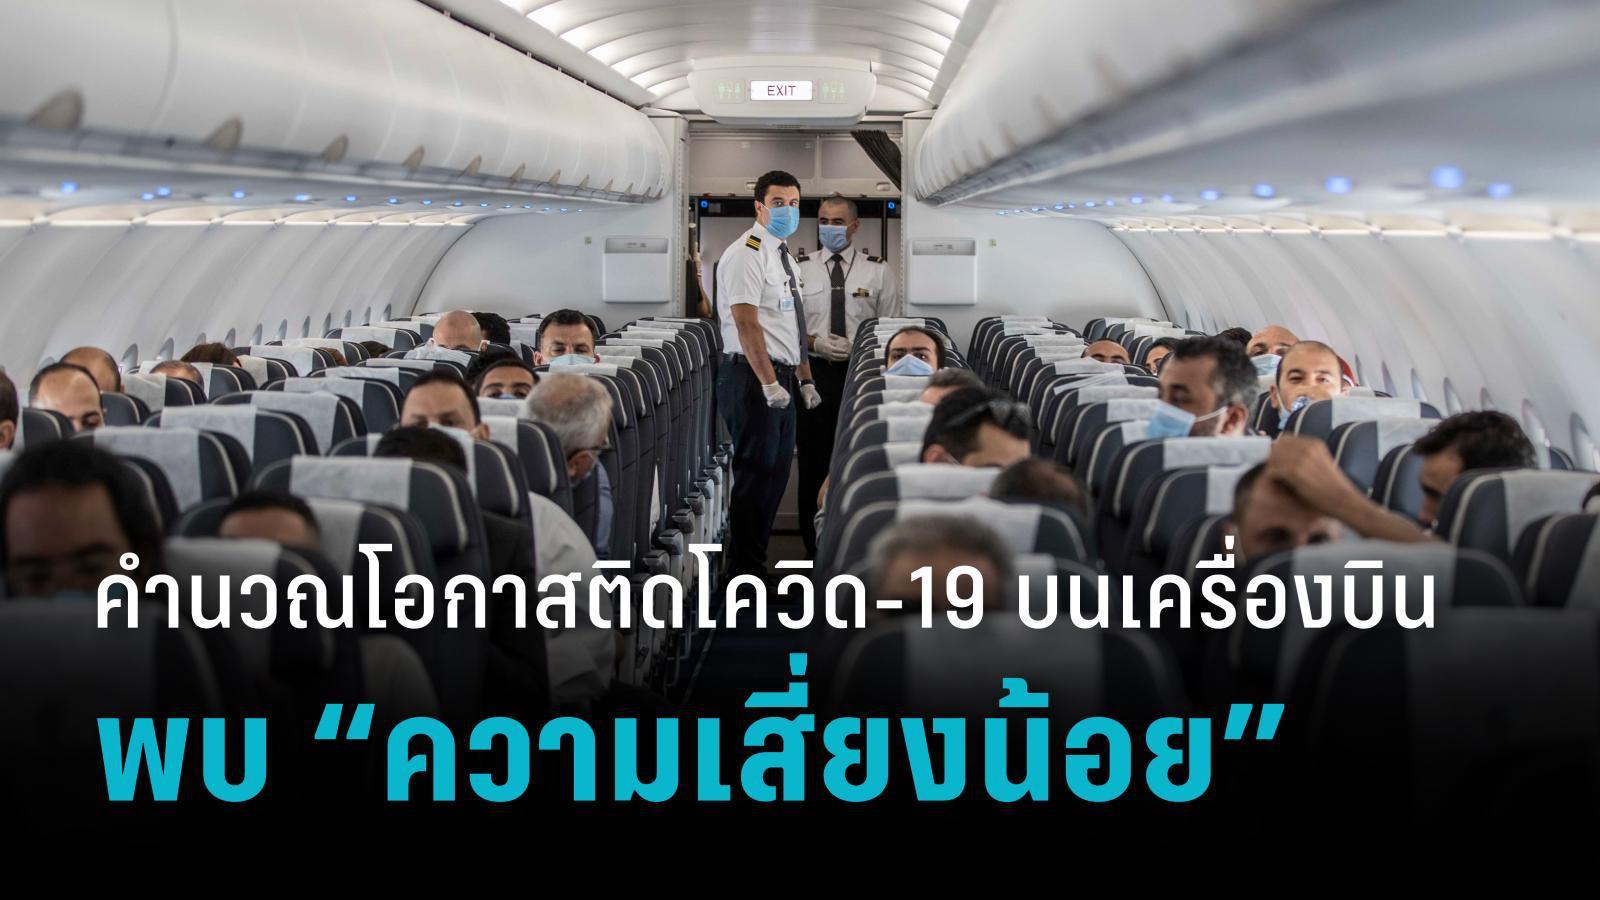 นักวิจัยเผยการศึกษาใหม่ โอกาสติดโควิด-19 บนเครื่องบินมีไม่มาก